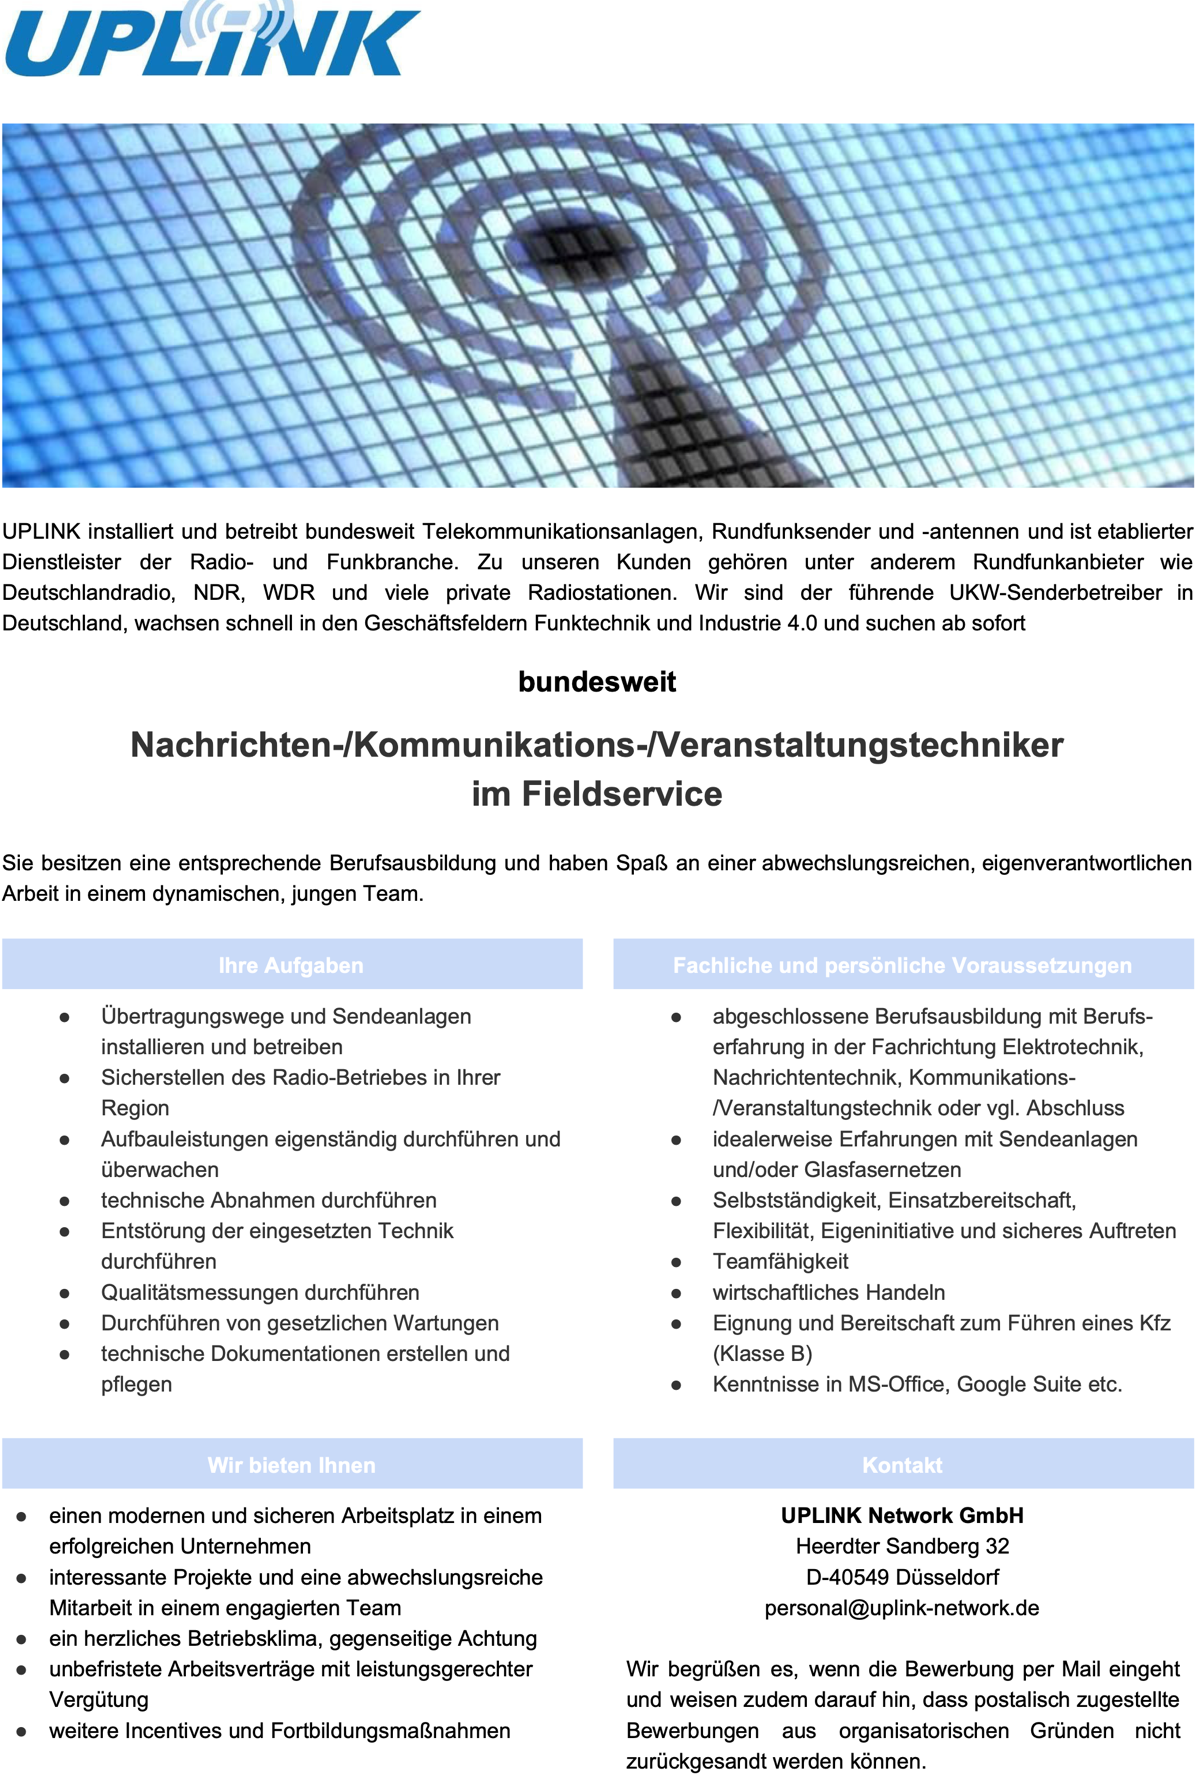 UPLINK sucht Nachrichten-/Kommunikations-/Veranstaltungstechniker (m/w/d)